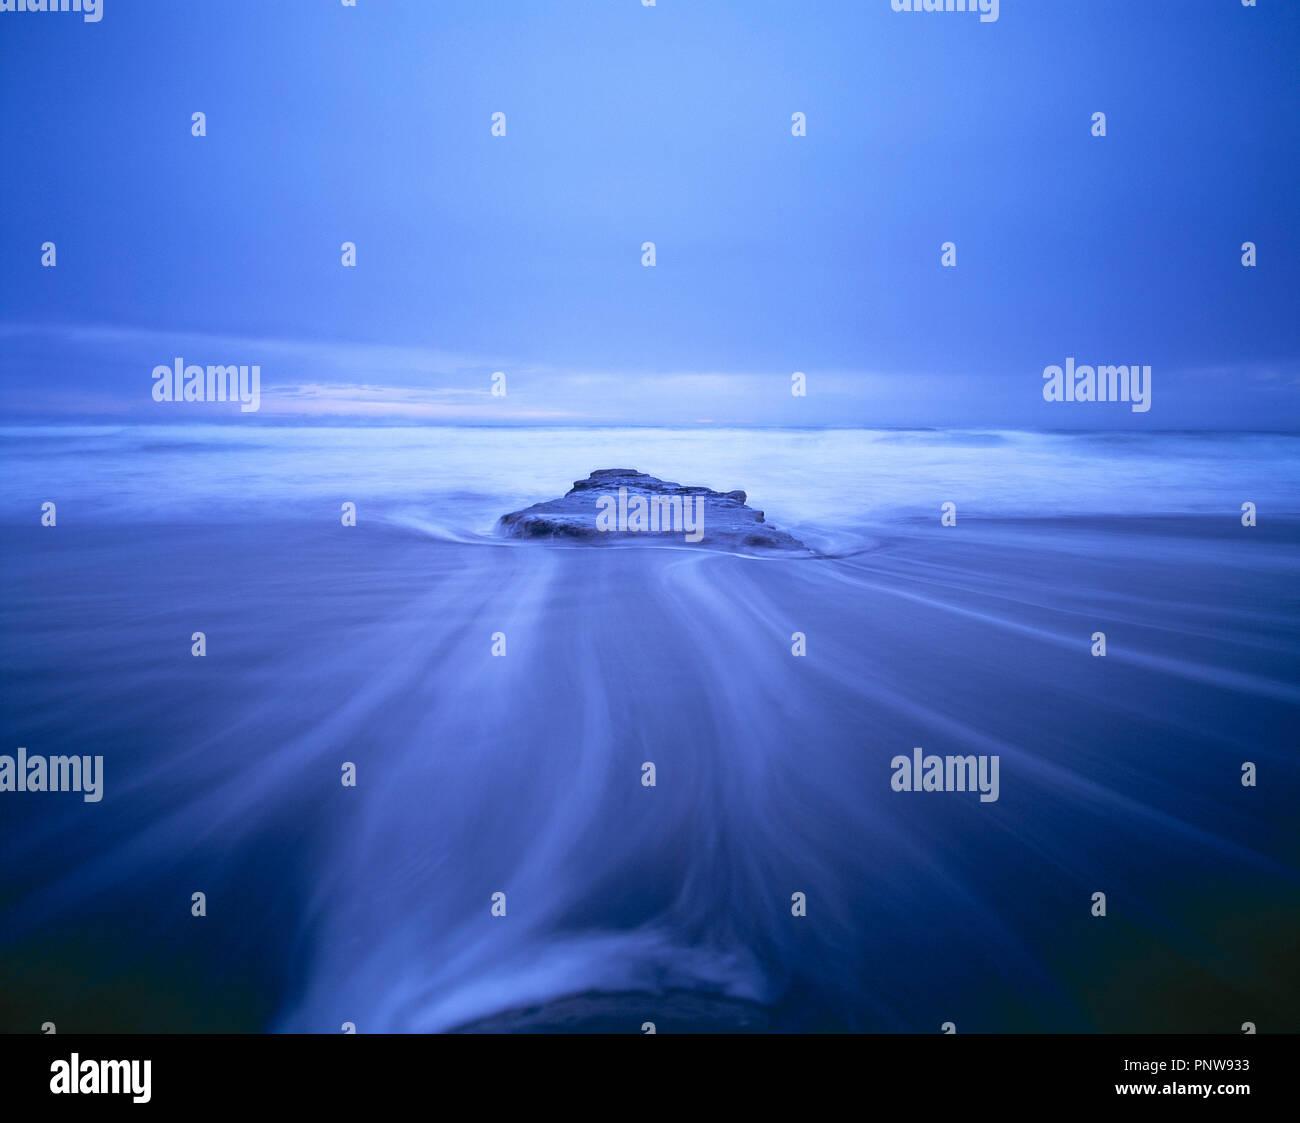 La Nuova Zelanda. Isola del nord. Costa. Blu atmosferica in prossimità dei picchi di marea acqua turbinano intorno rock. Immagini Stock